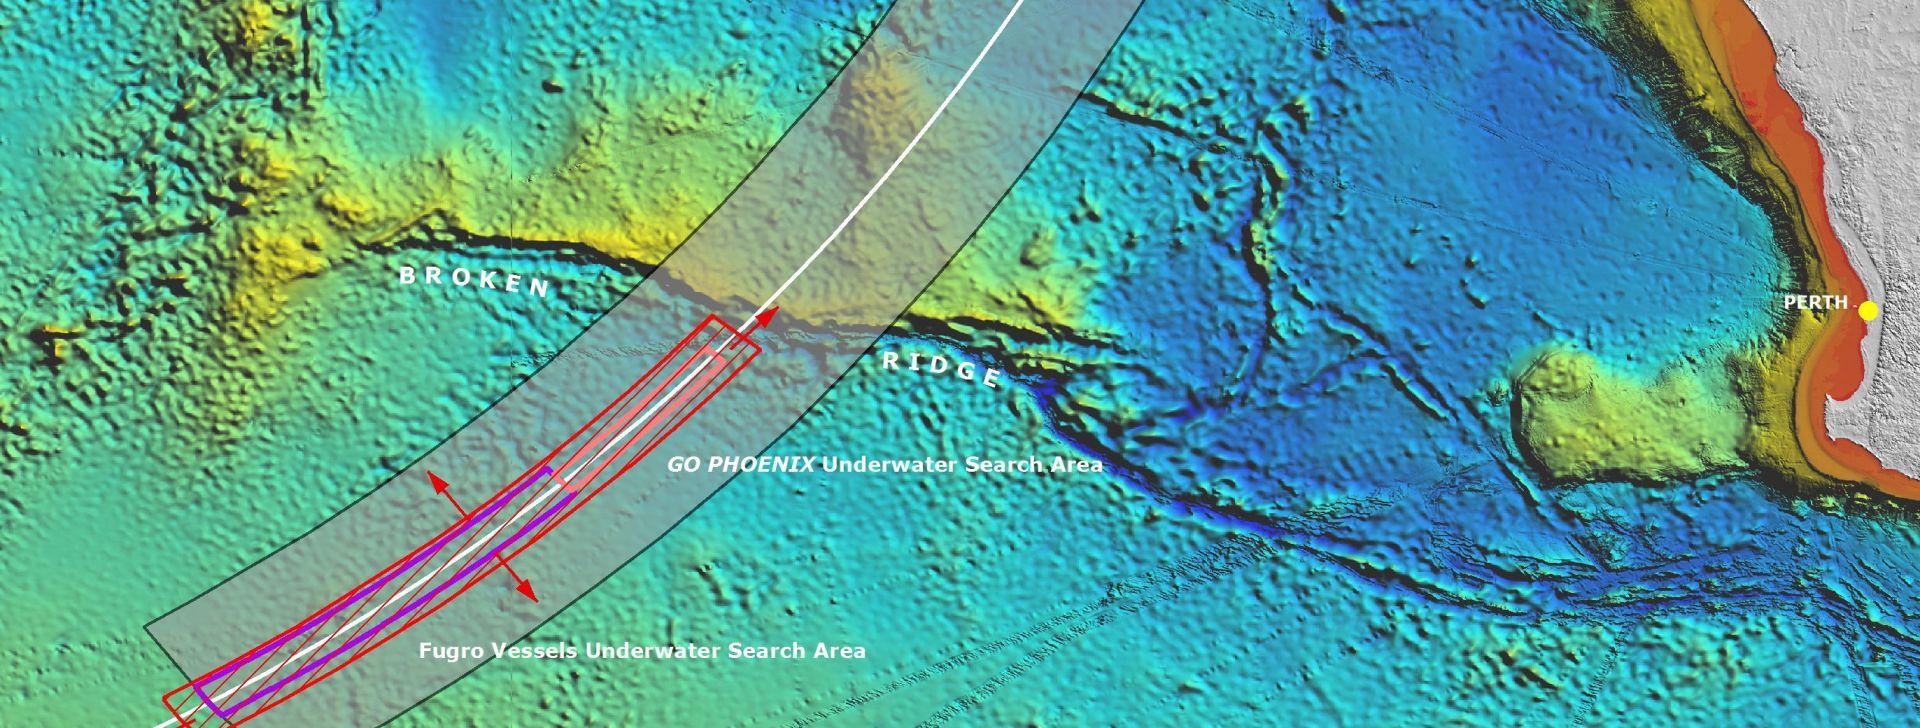 NEĆE RIJEŠITI MISTERIJI: Ostaci MH370 nađeni na Reunionu neće pomoći u lociranju zrakoplova